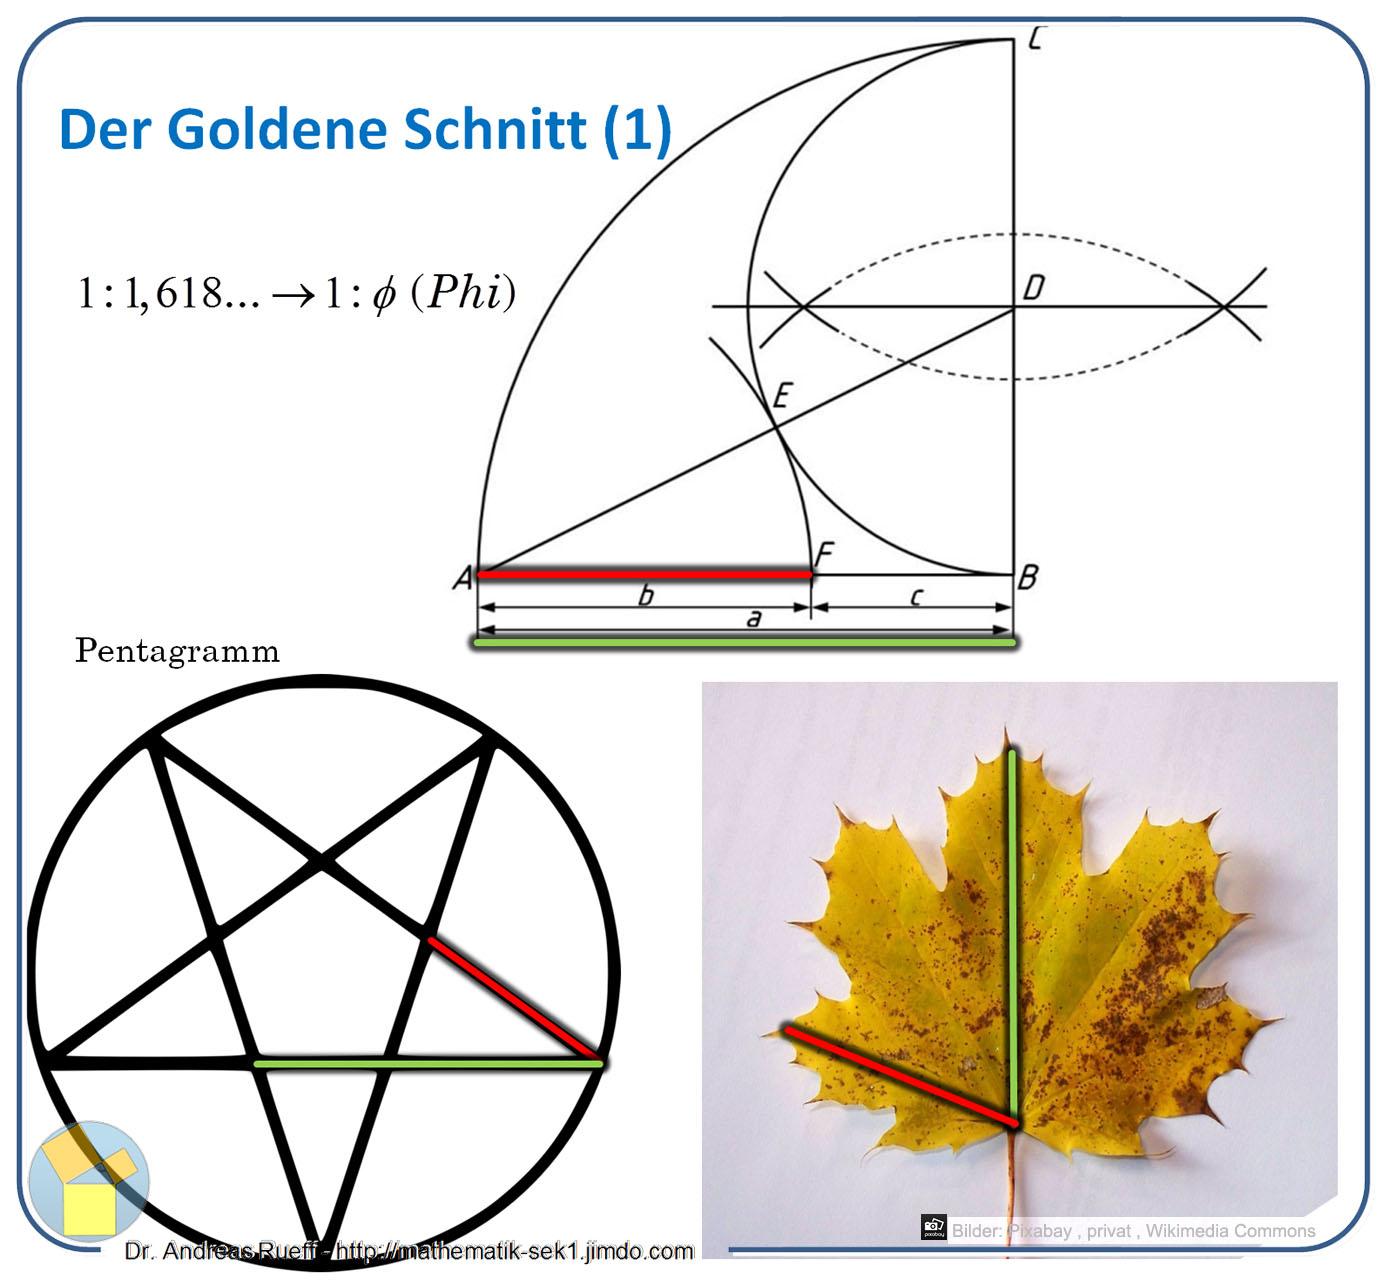 Technisches Zeichnen - Mathematik, Physik, Technik, Mint bestimmt für Geometrisches Zeichnen Vorlagen